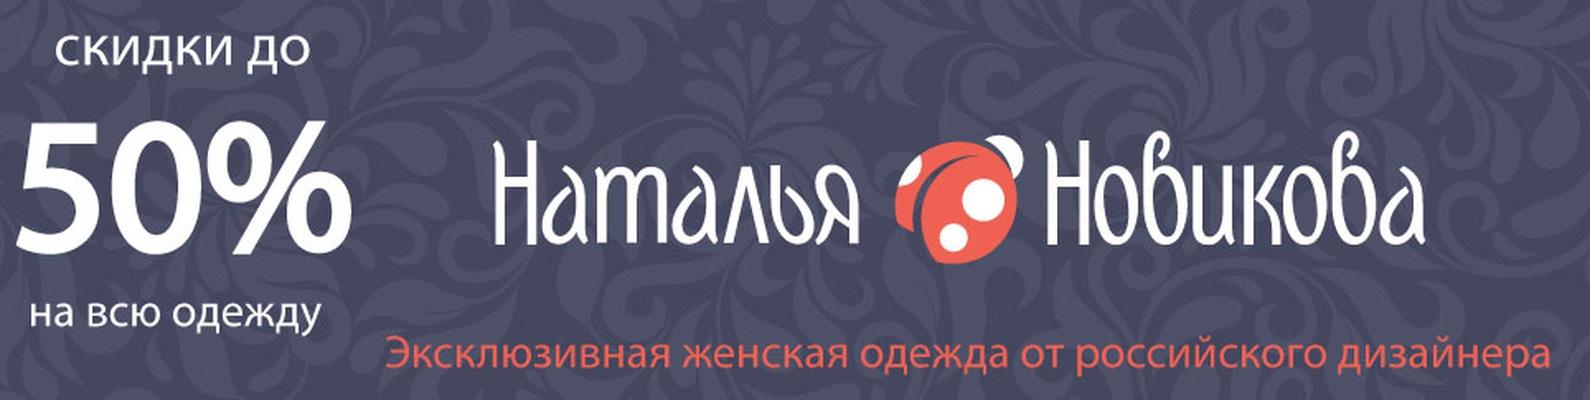 Женская Одежда Новикова